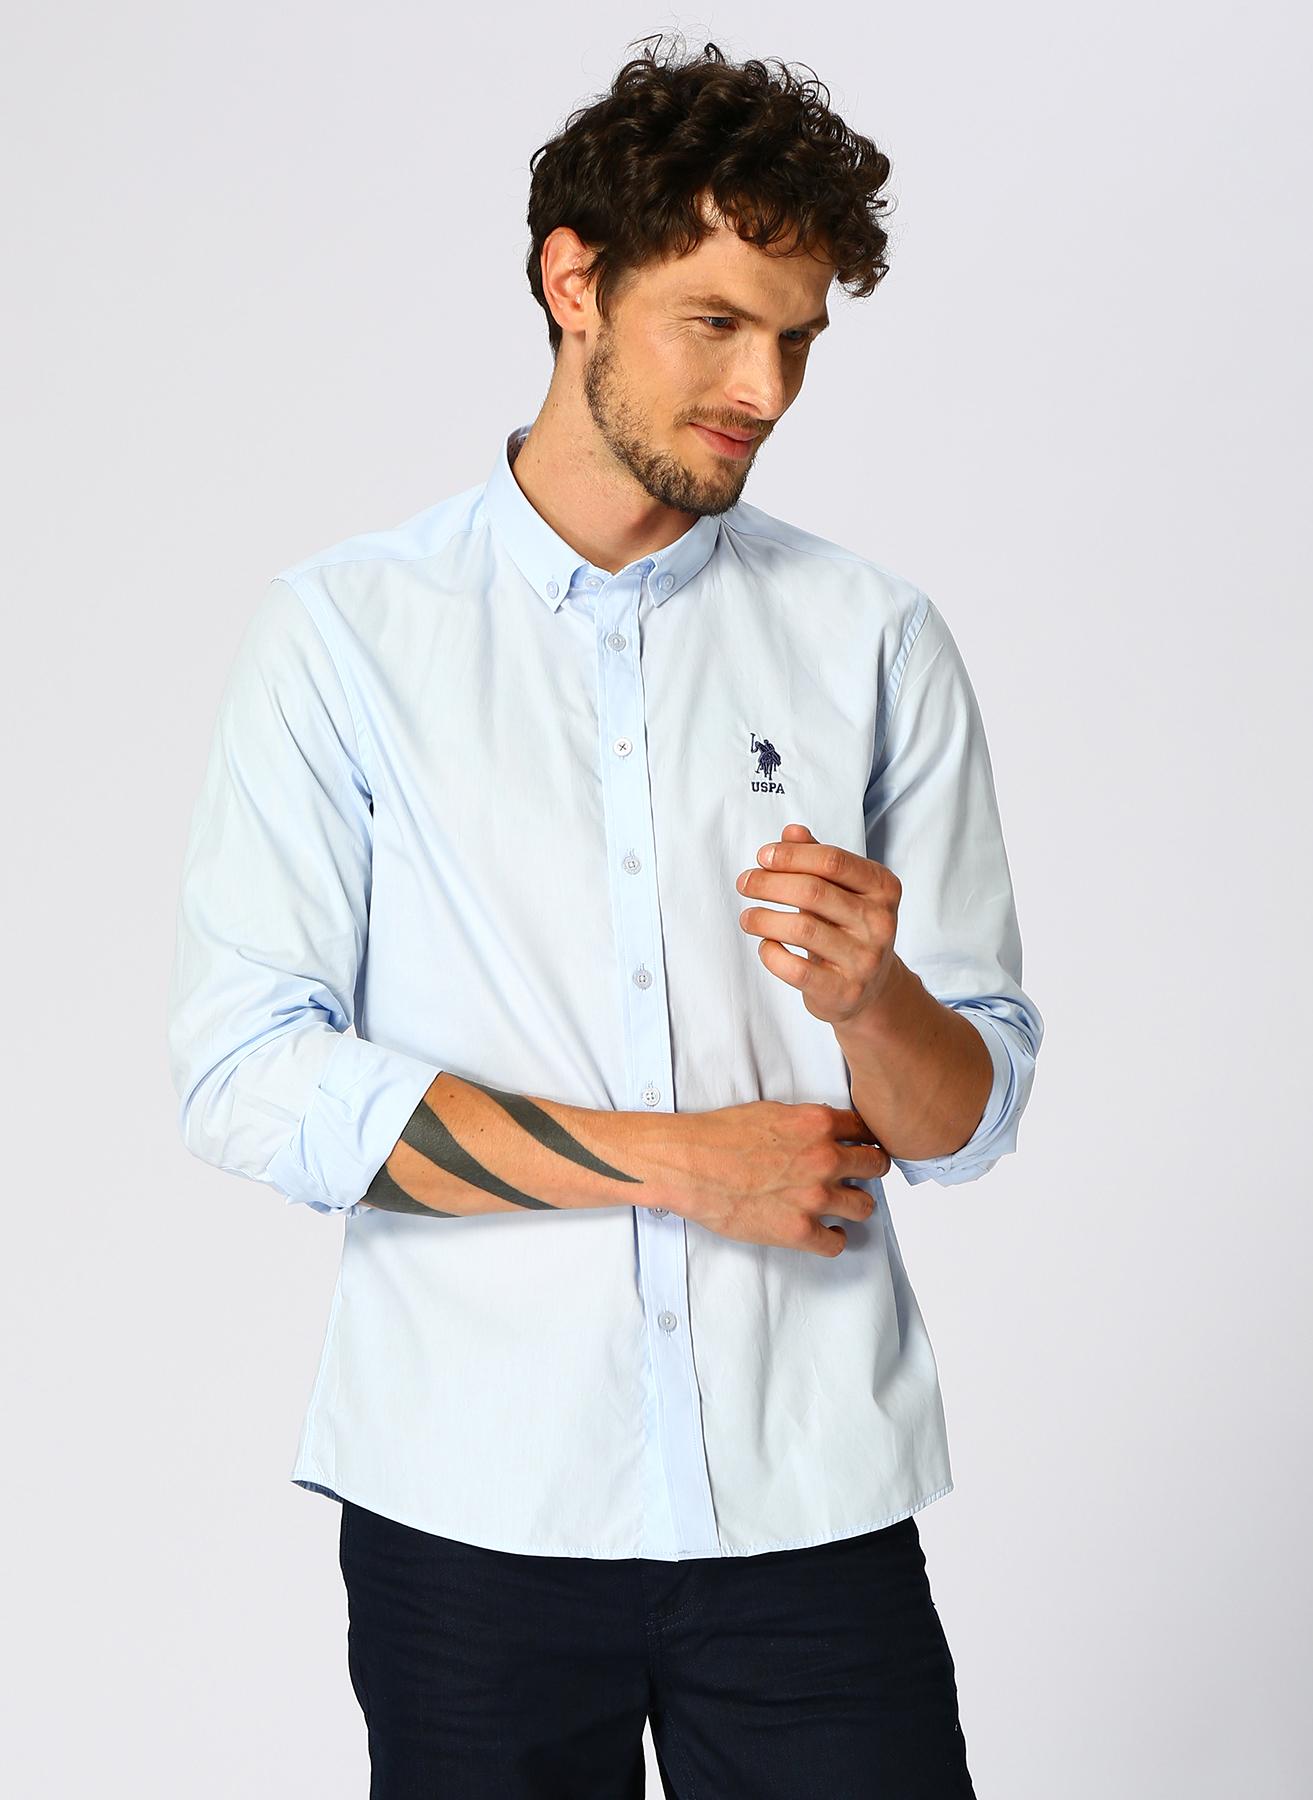 U.S. Polo Assn. Açık Mavi Gömlek L 5001704321007 Ürün Resmi